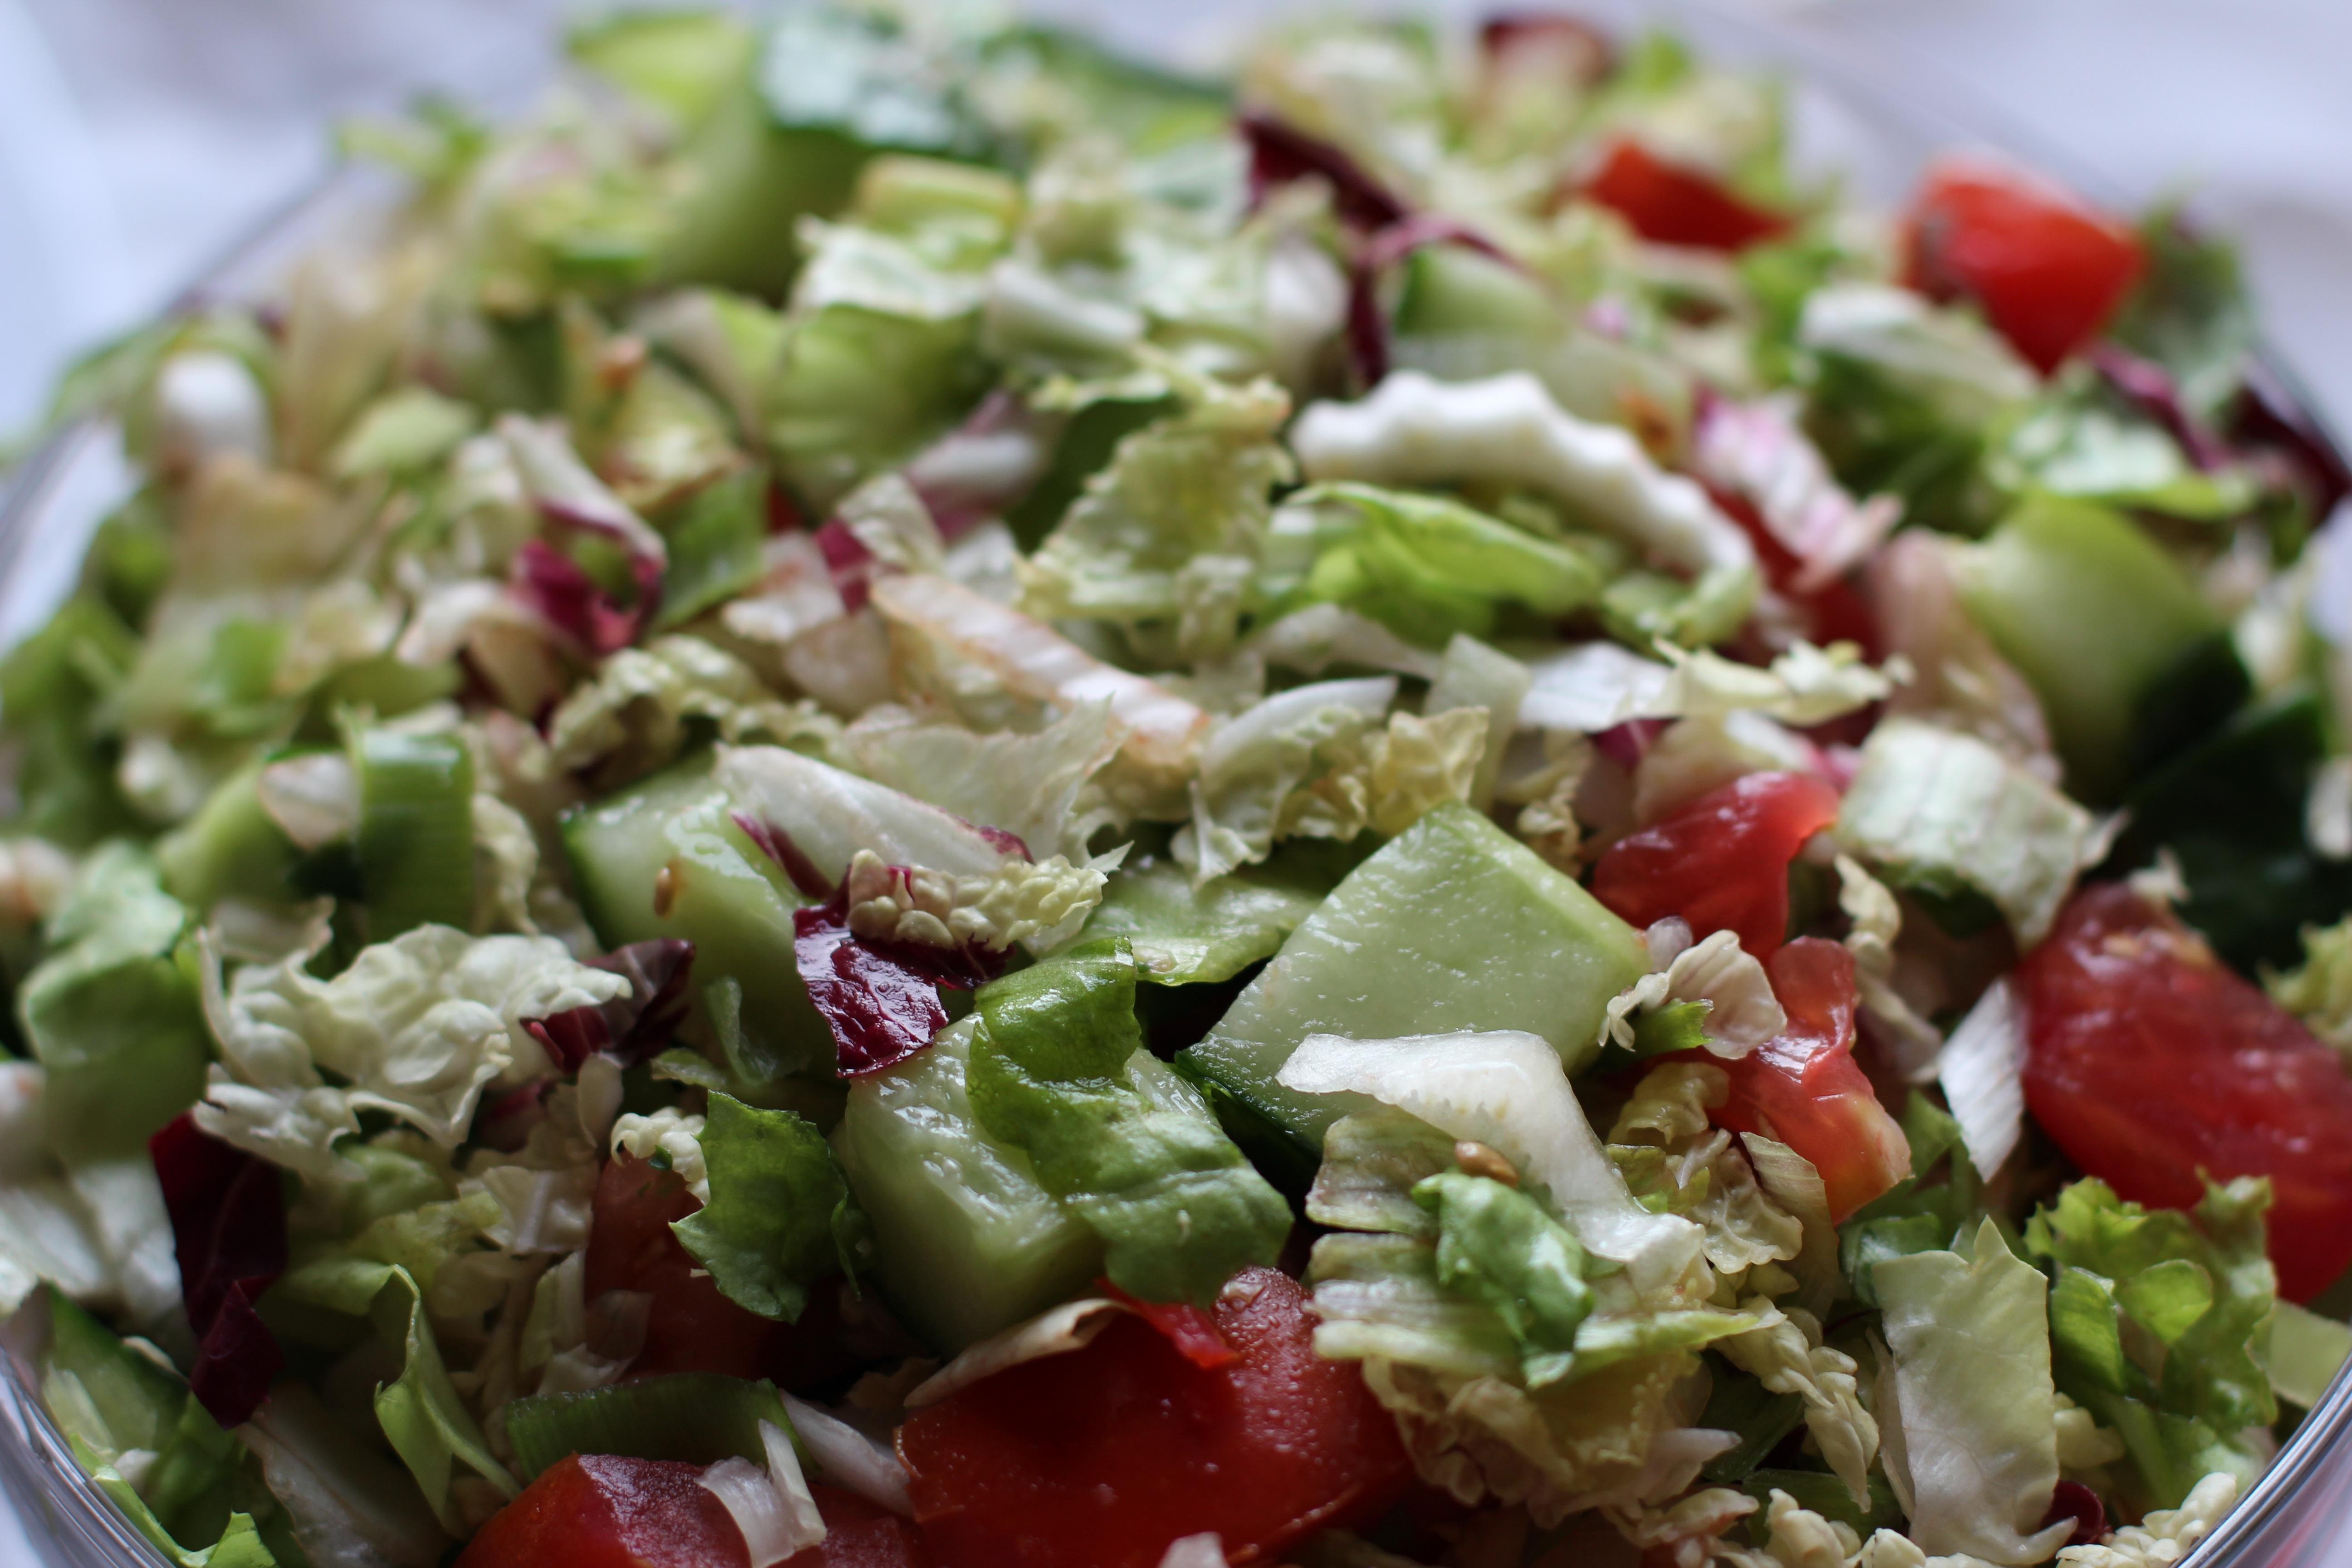 Fotoğraf Tabak Gıda Yeşil üretmek Sebze Sağlıklı Yemek